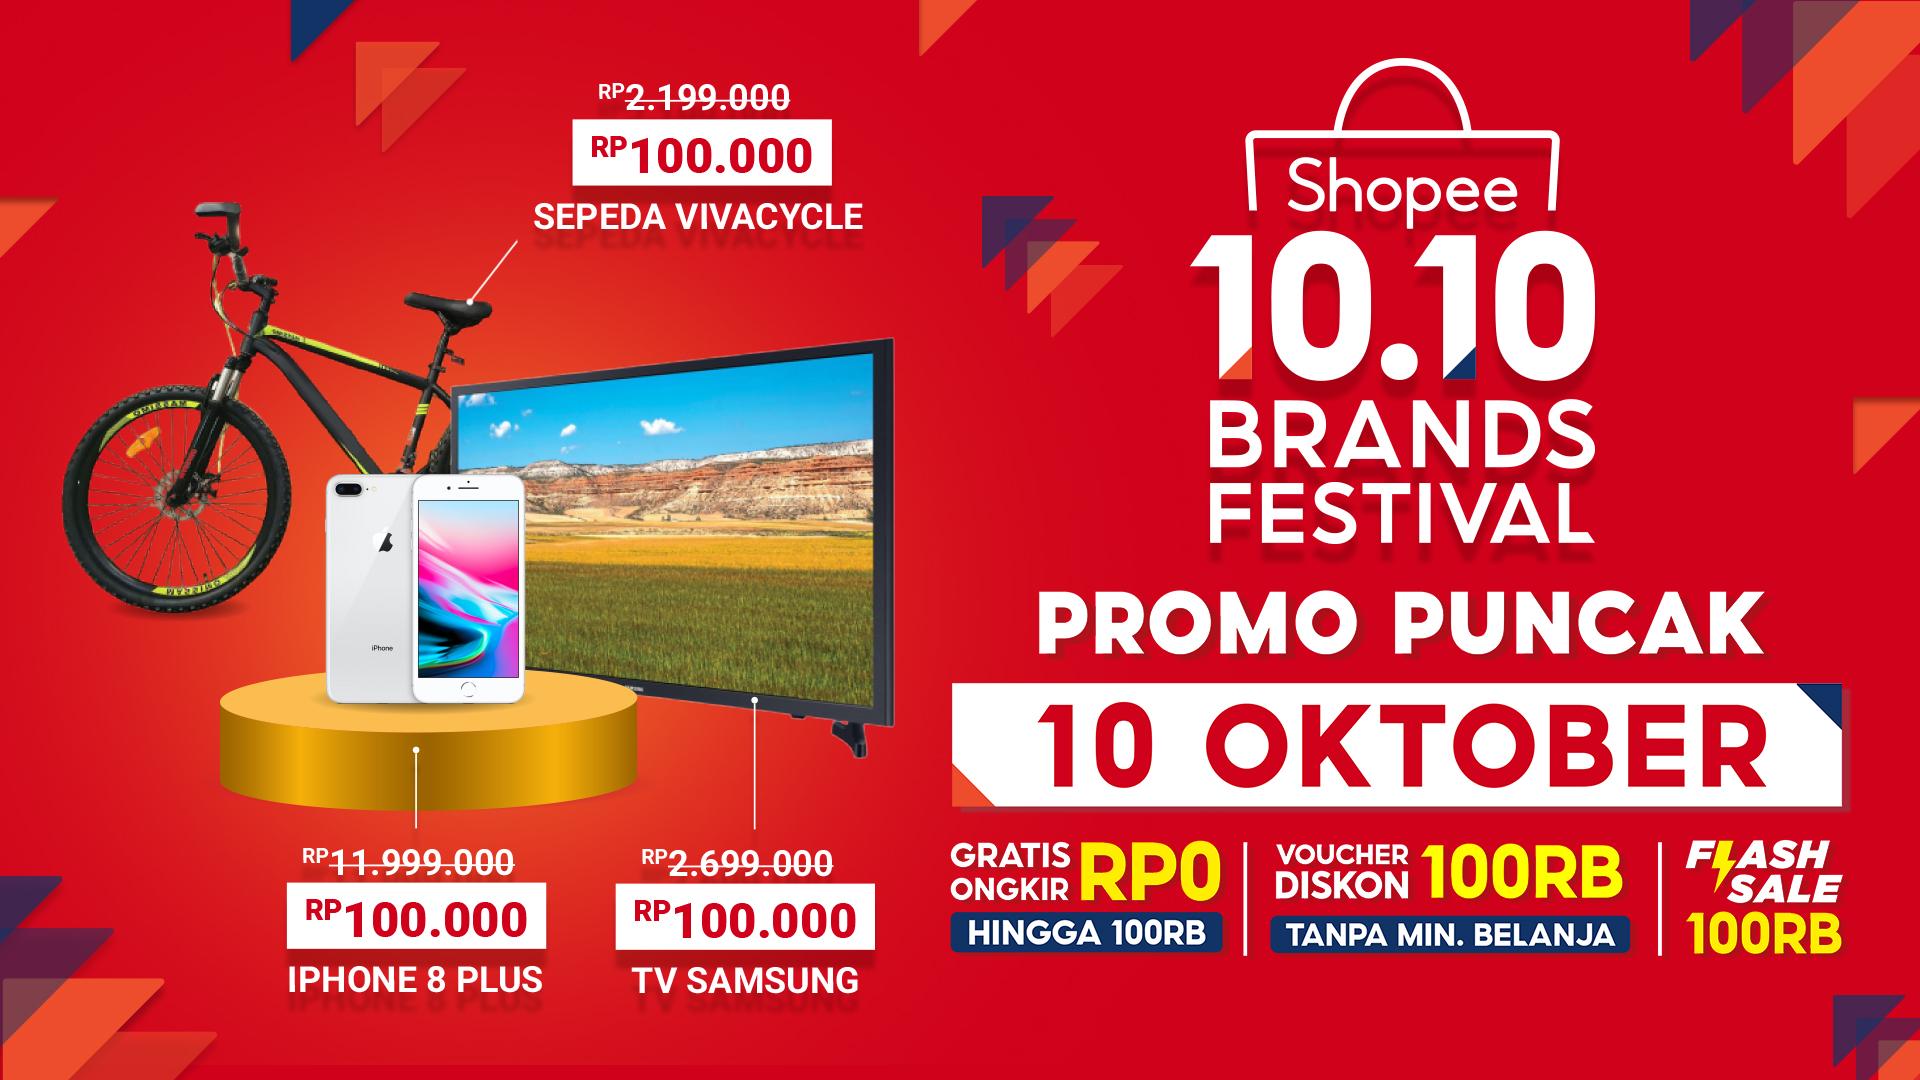 Hari Ini Serbu Penawaran Dari Brand Favorit Dalam Promo Puncak Shopee 10 10 Brands Festival Inspirasi Shopee